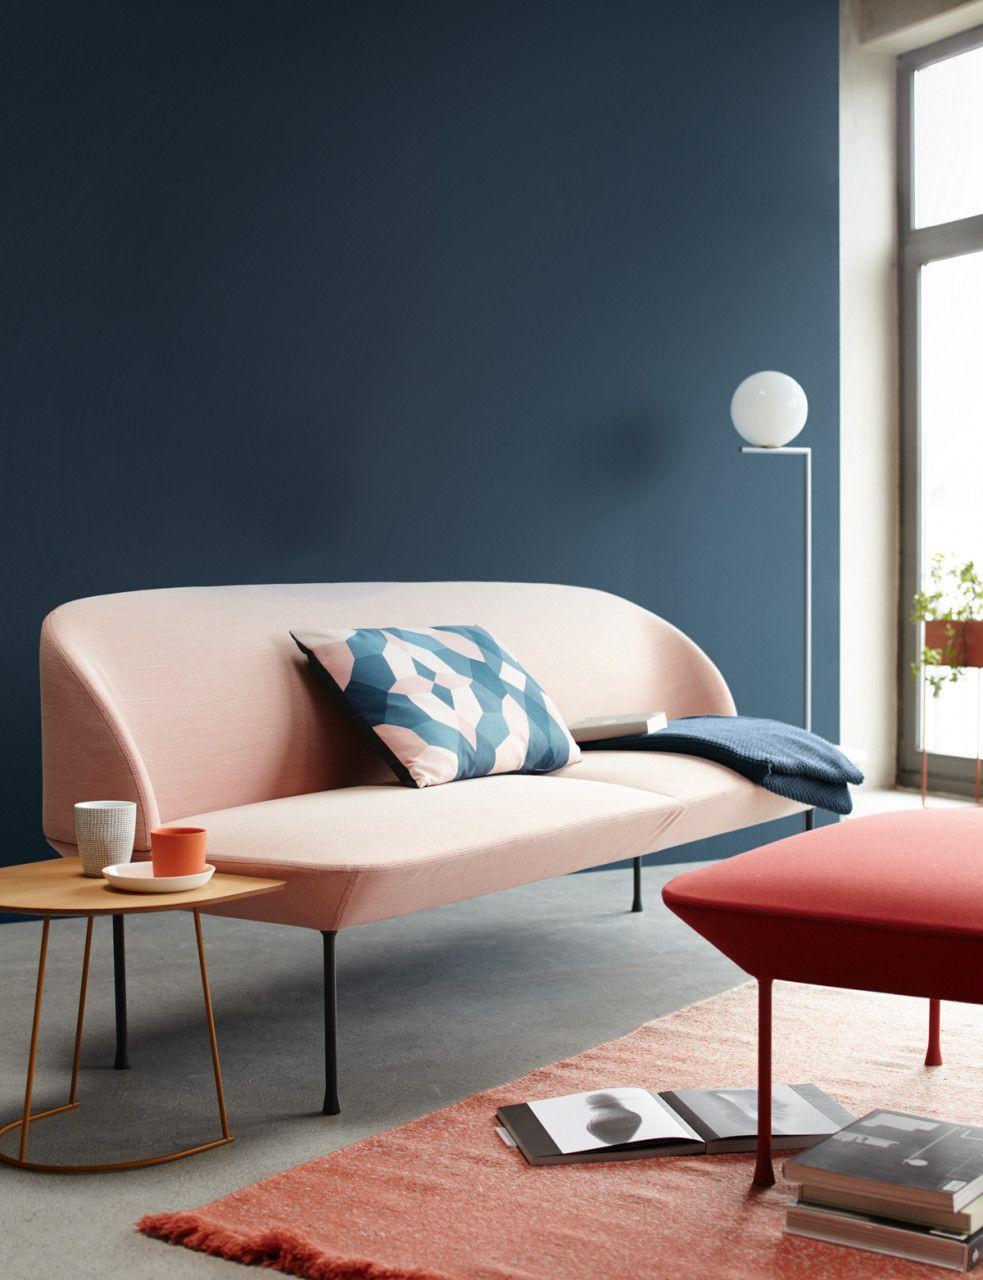 Wandfarbe Trendfarbe Blueberry | Schöner Wohnen Kollektion #schönerwohnen